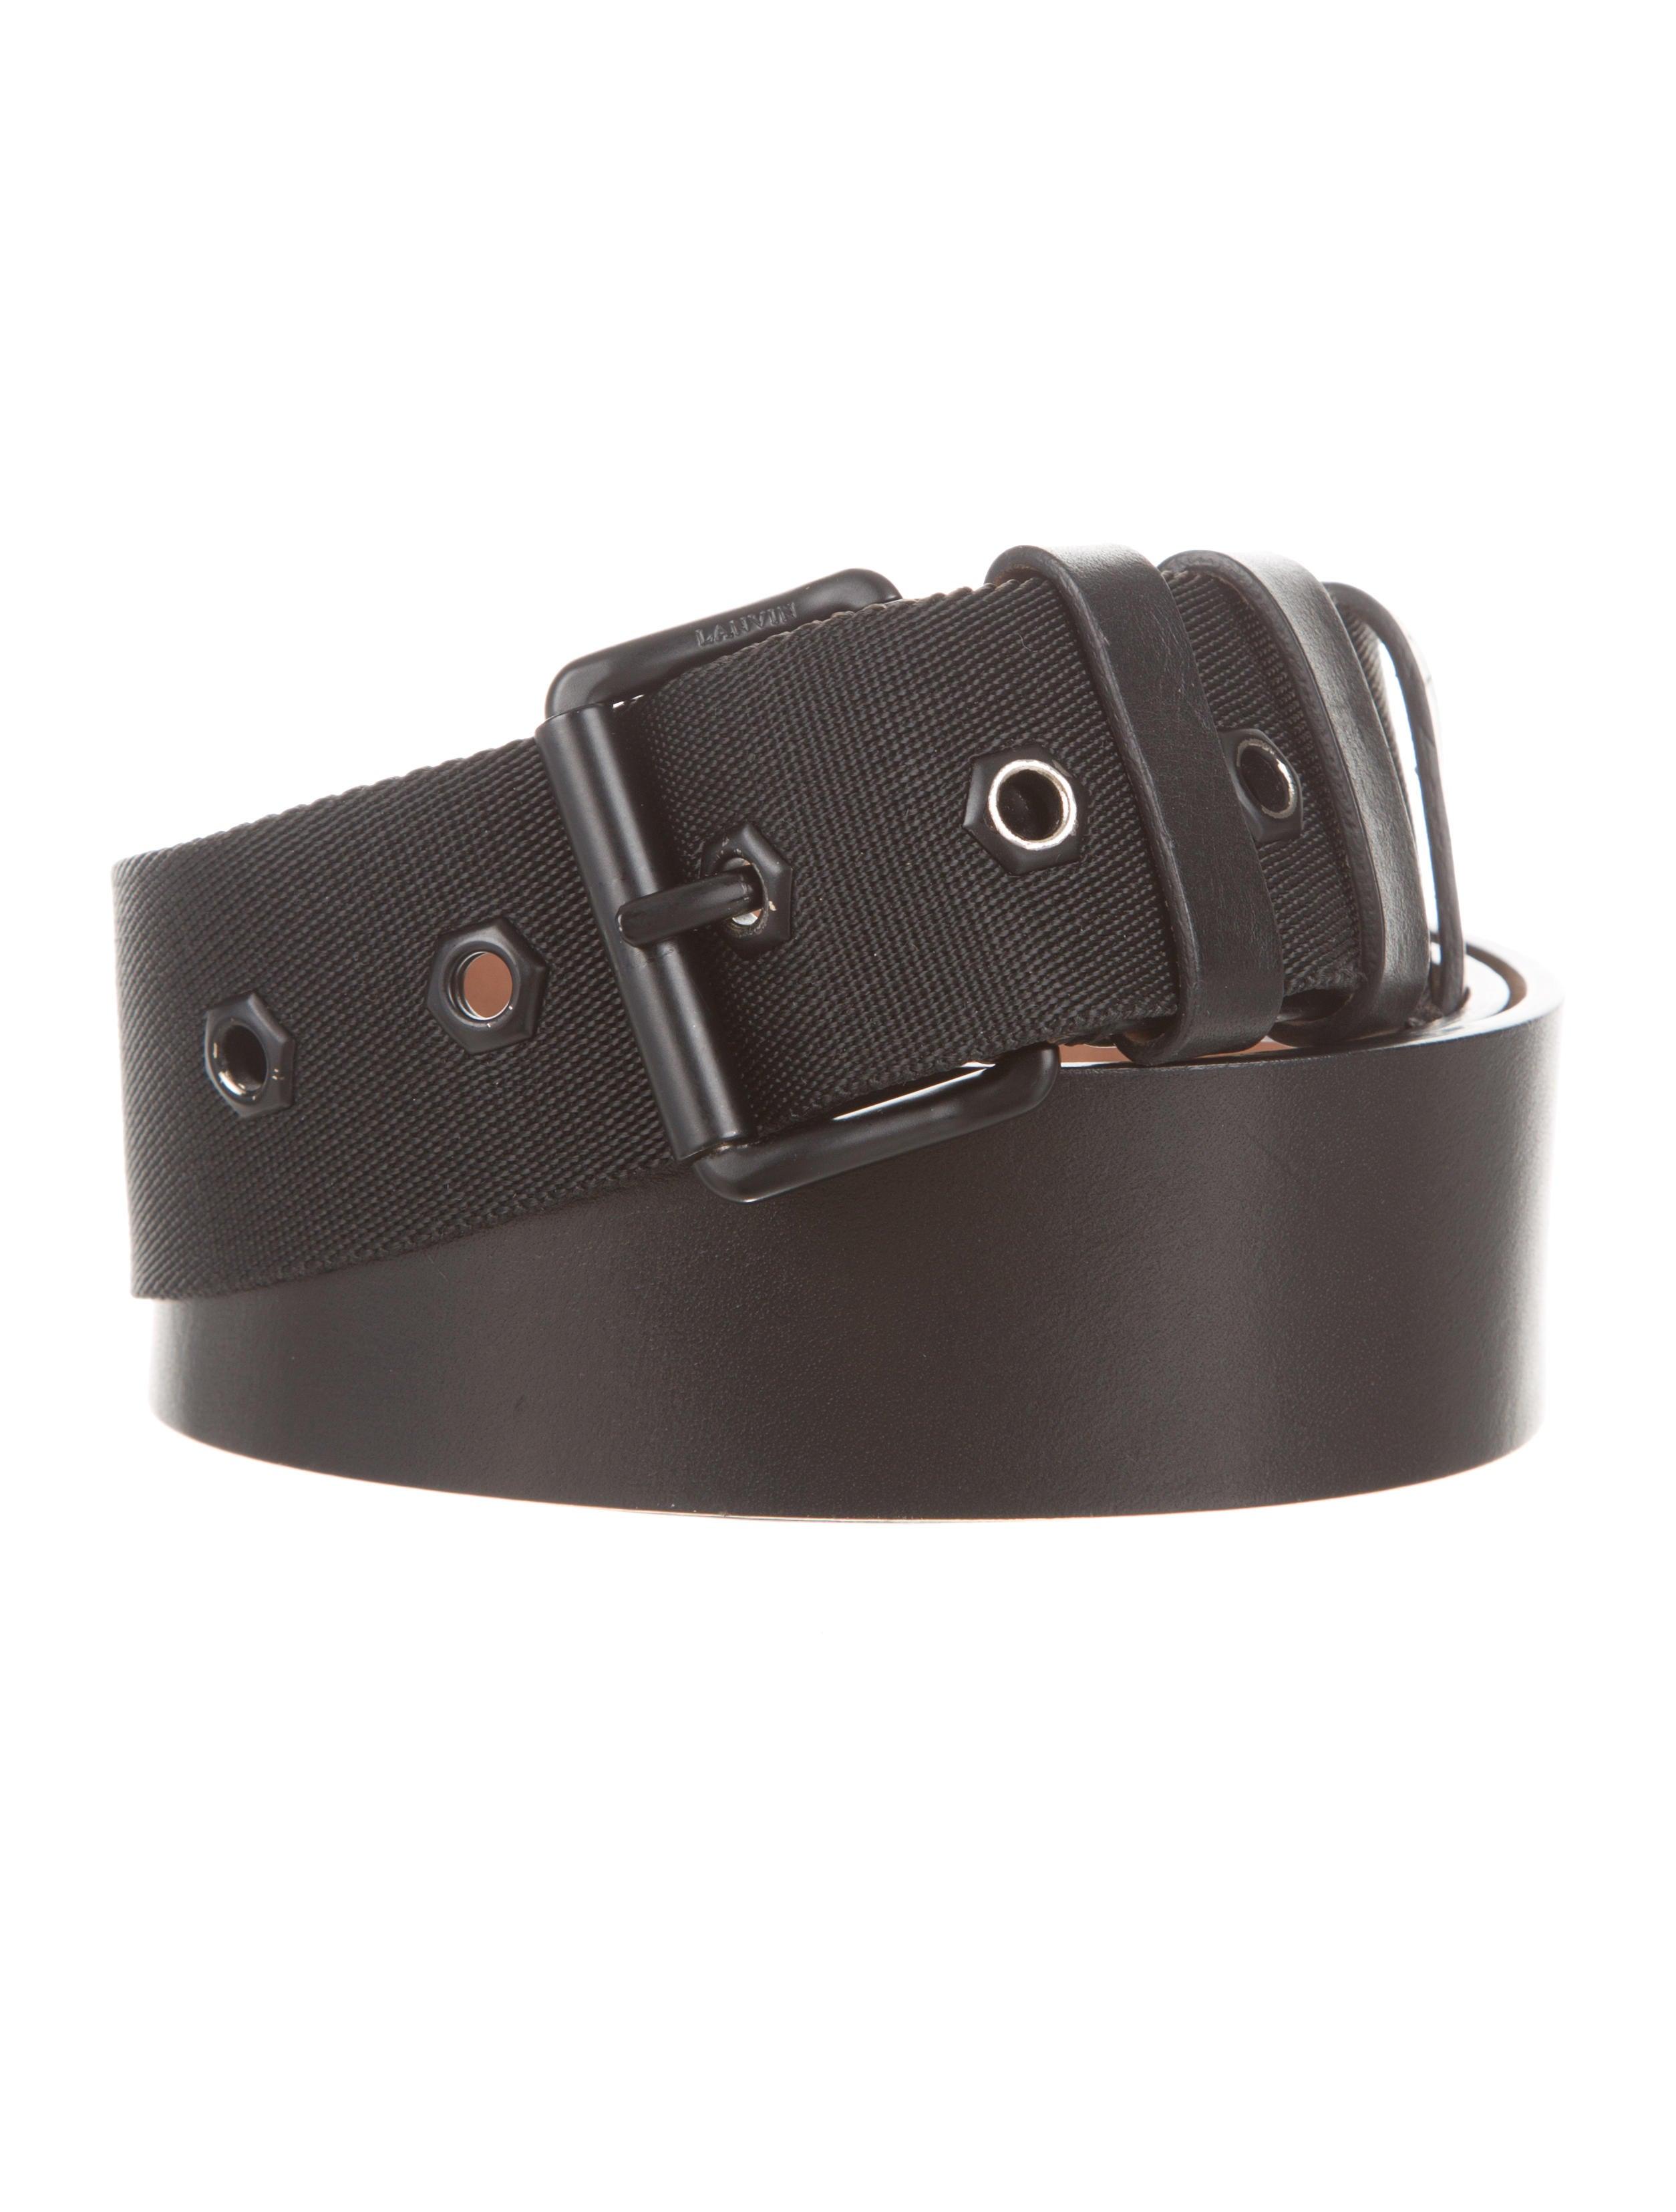 lanvin leather canvas trim belt accessories lan37851